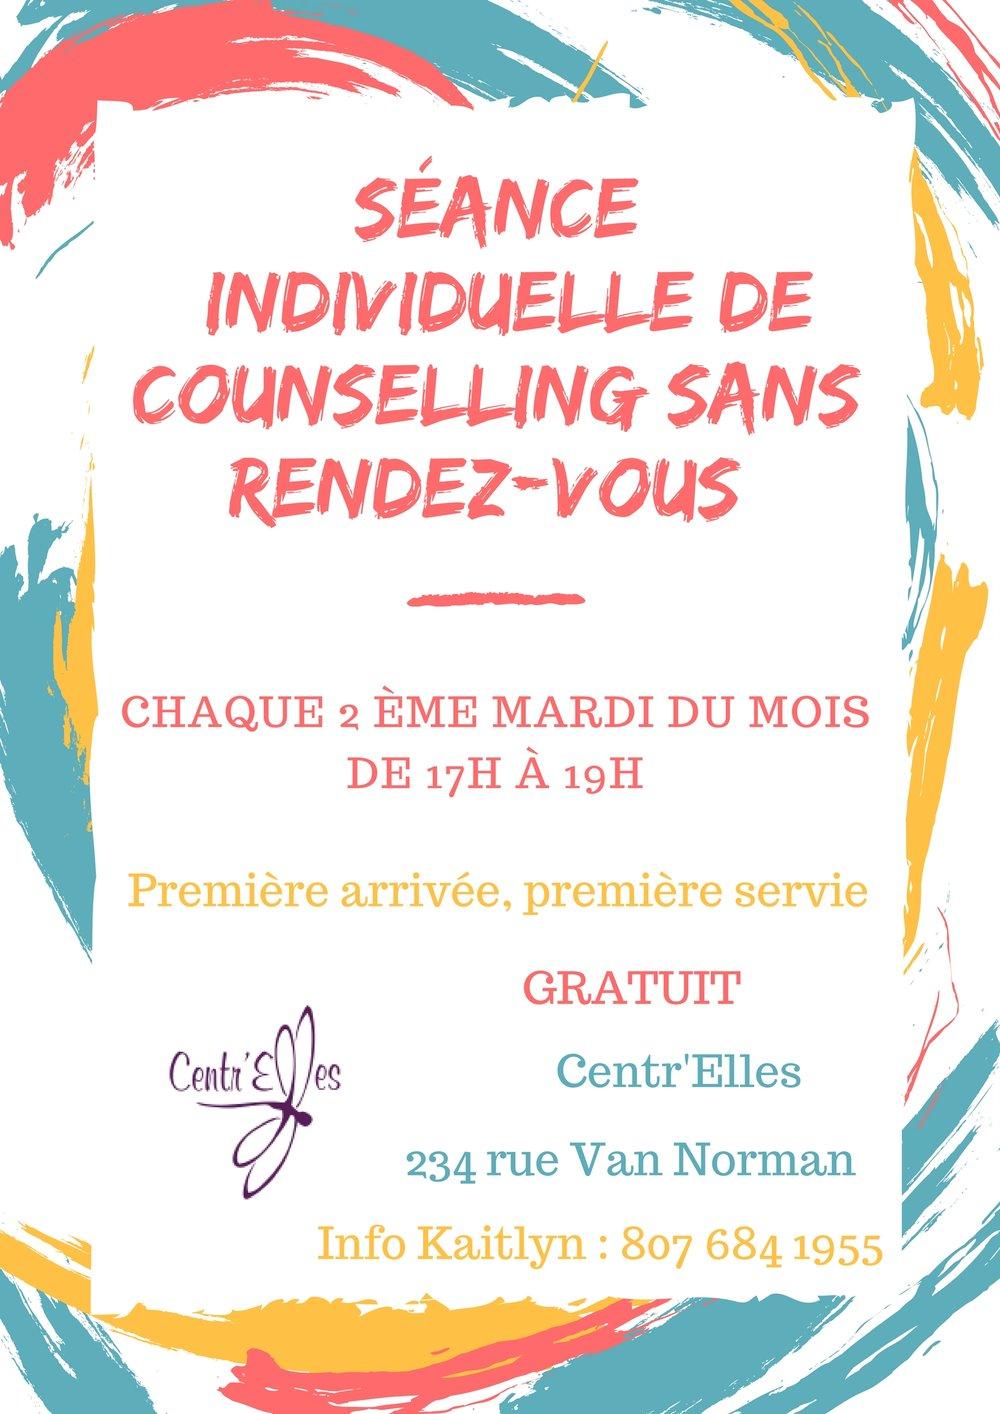 Séance de counselling sans rendez-vous (1).jpg